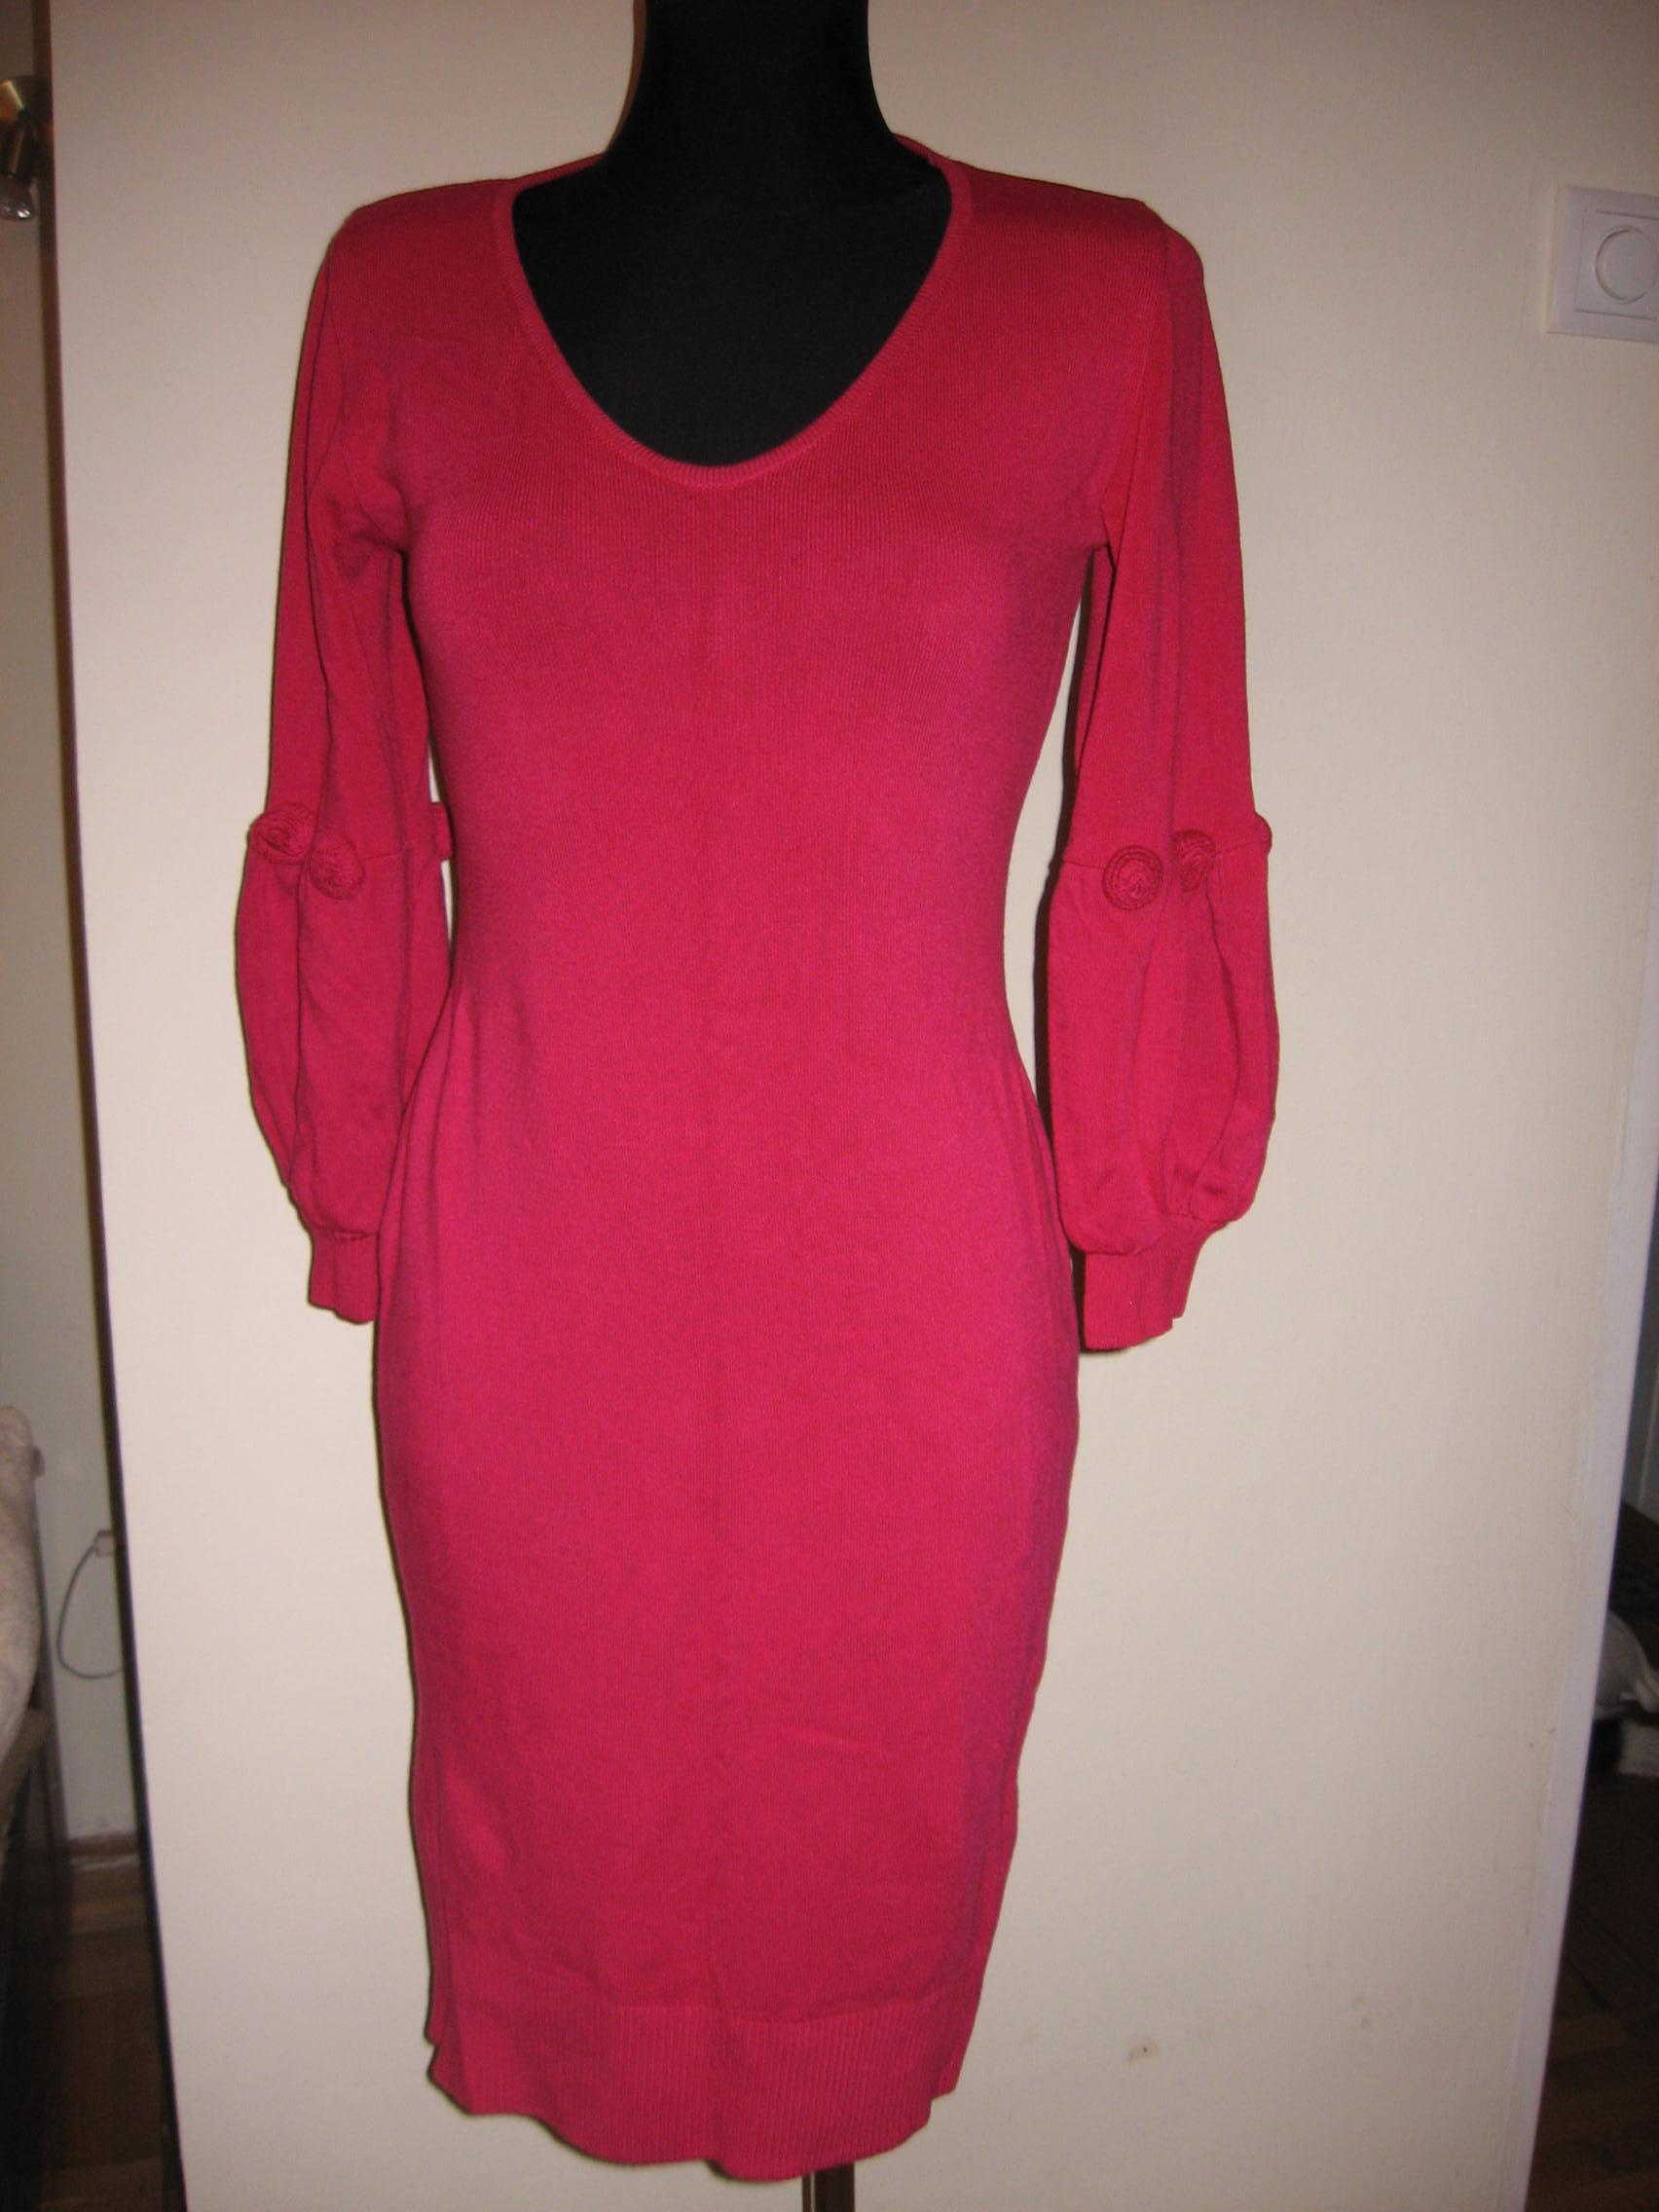 b65ecffc1c Różowa sukienka BPC bufki różyczki r.36 (M-XL) - 7095769751 ...